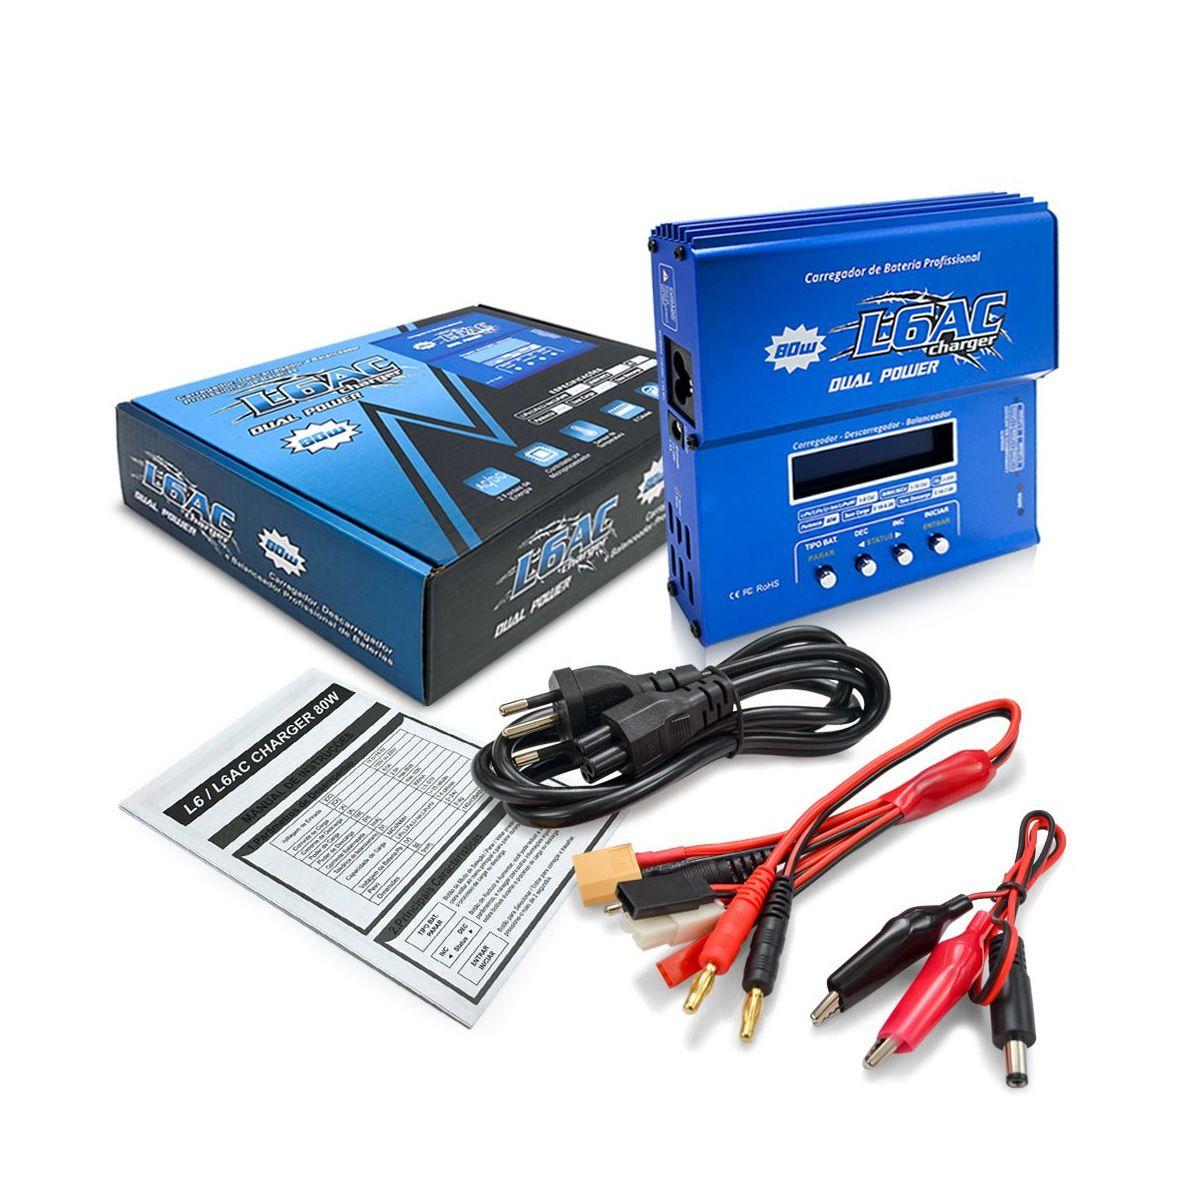 Carregador / Balanceador Bateria Lipo Leao L6AC Original